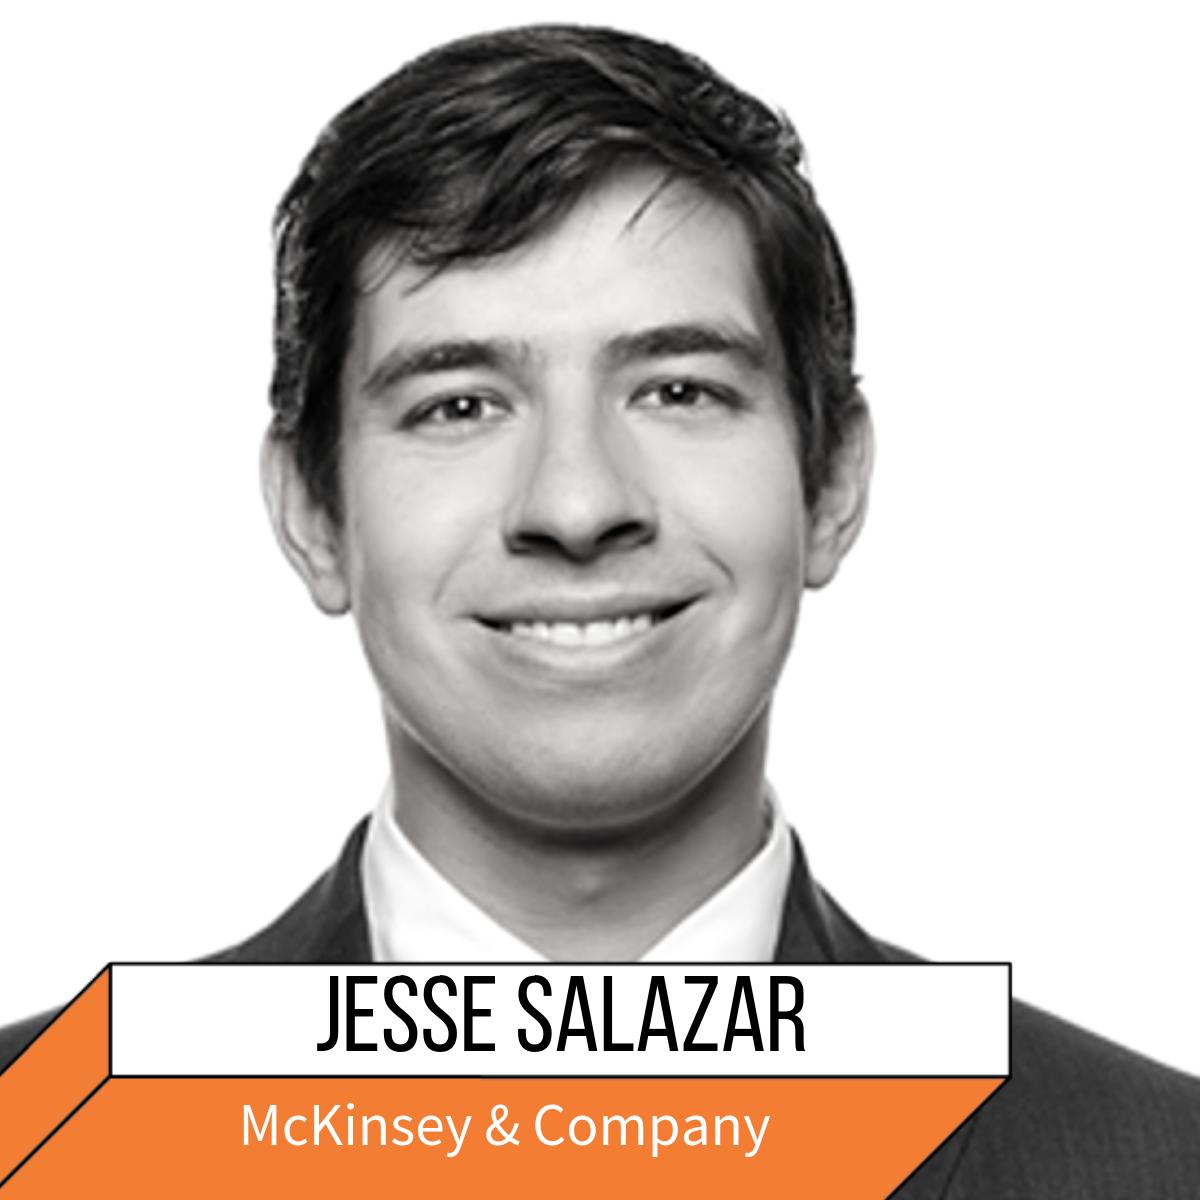 Jesse Salazar Org.png